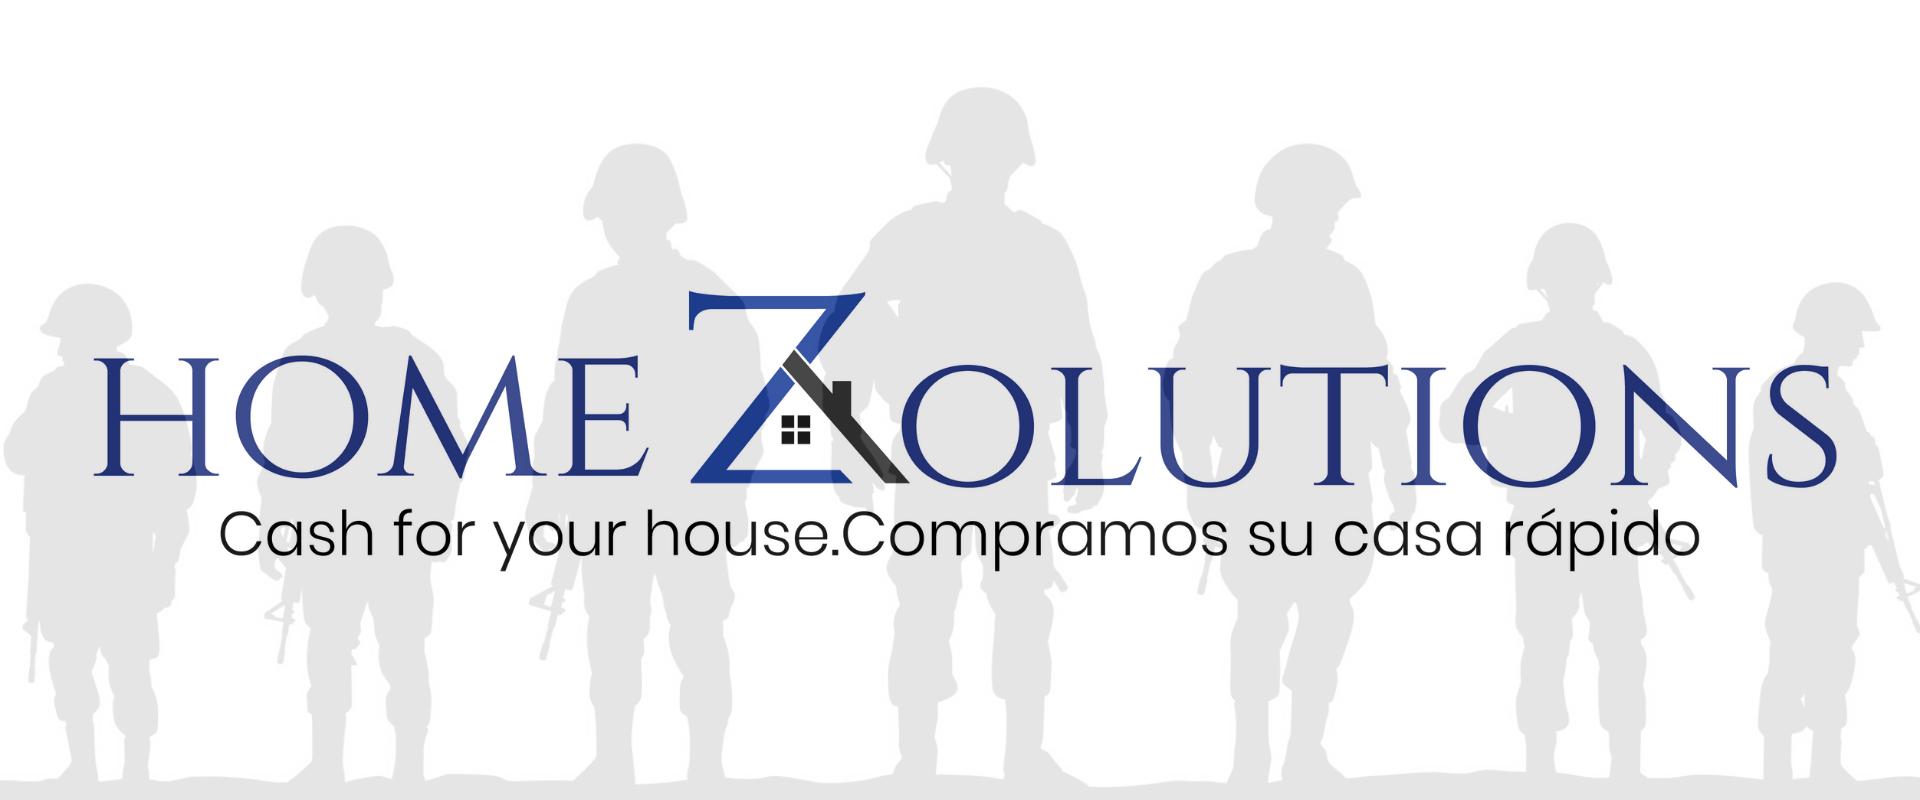 Home Zolutions  logo